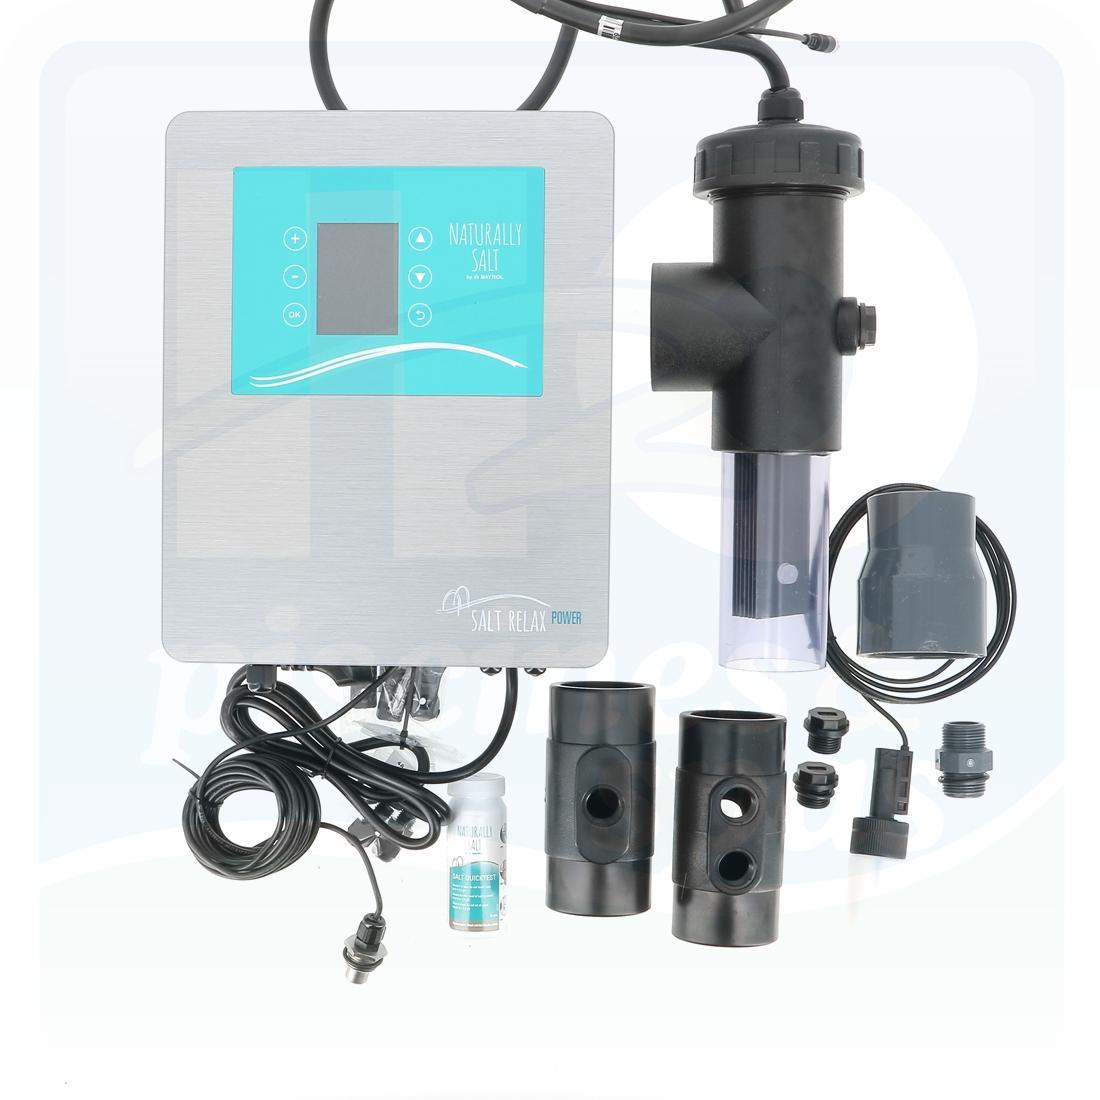 Electrolyseur Au Sel Bayrol Salt Relax Power Pour Piscine Jusqu'à 170 M3 -  H2O Piscines & Spas pour Electrolyseur Sel Piscine